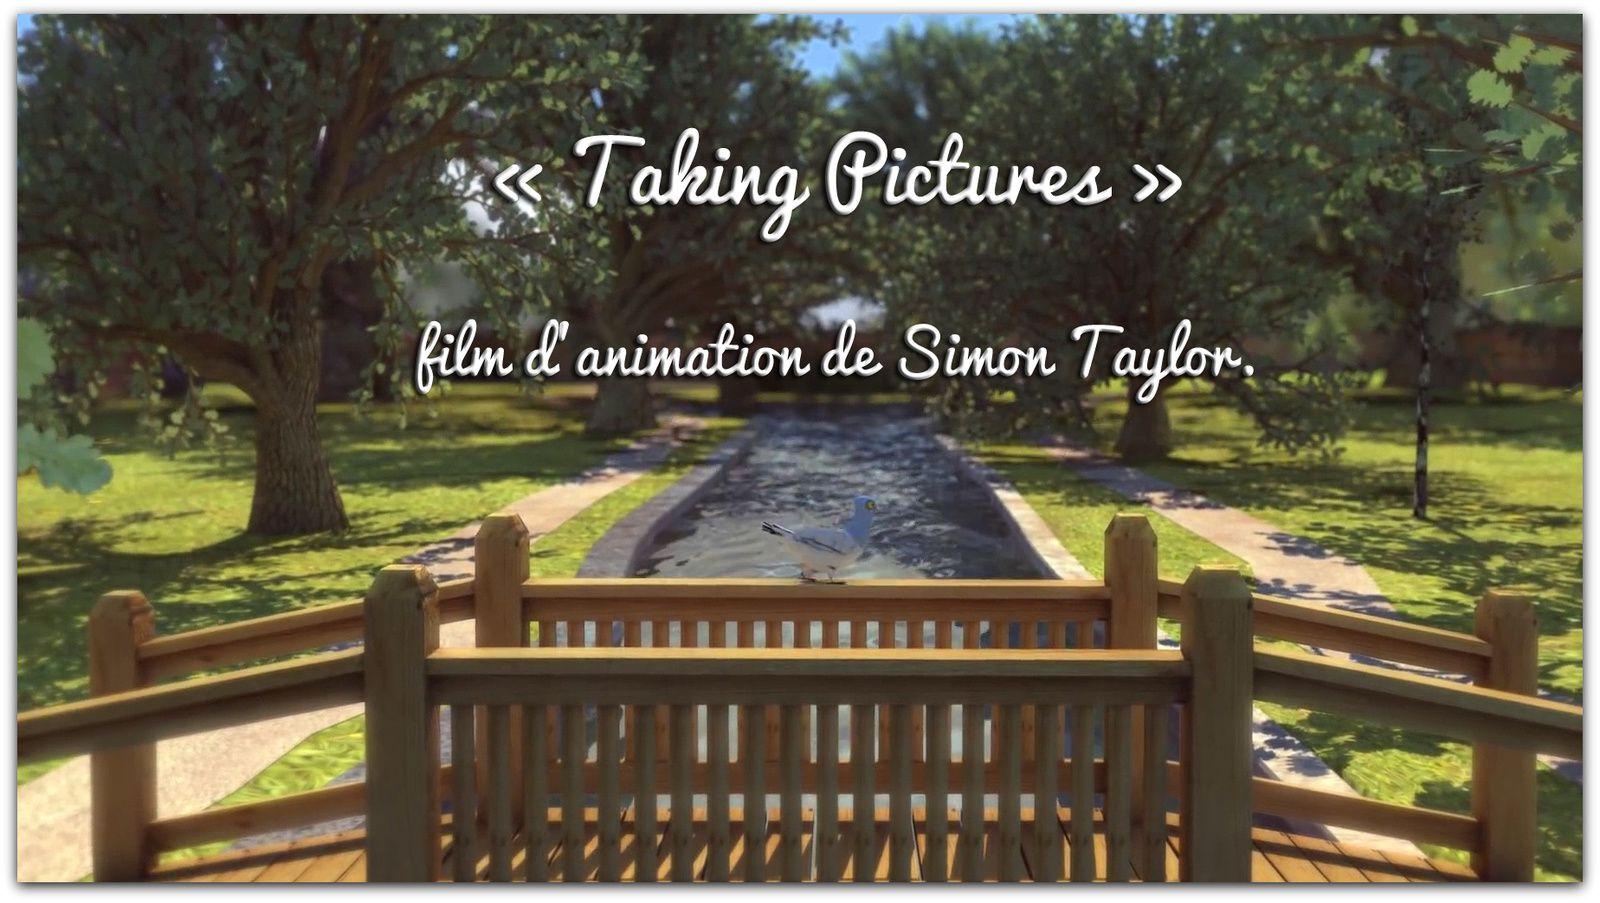 Animation: Quand deux photographes se rencontrent...